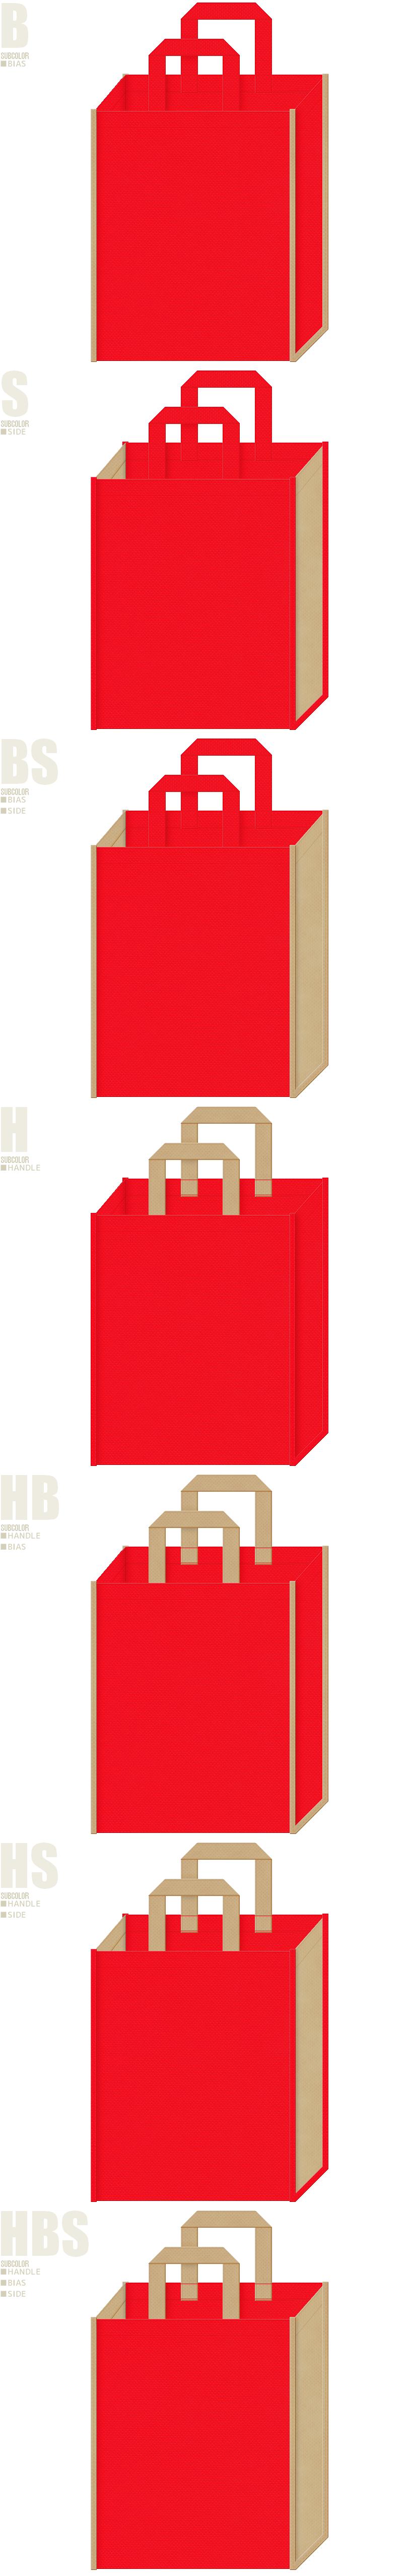 不織布バッグのデザイン:赤色とカーキ色の配色7パターン